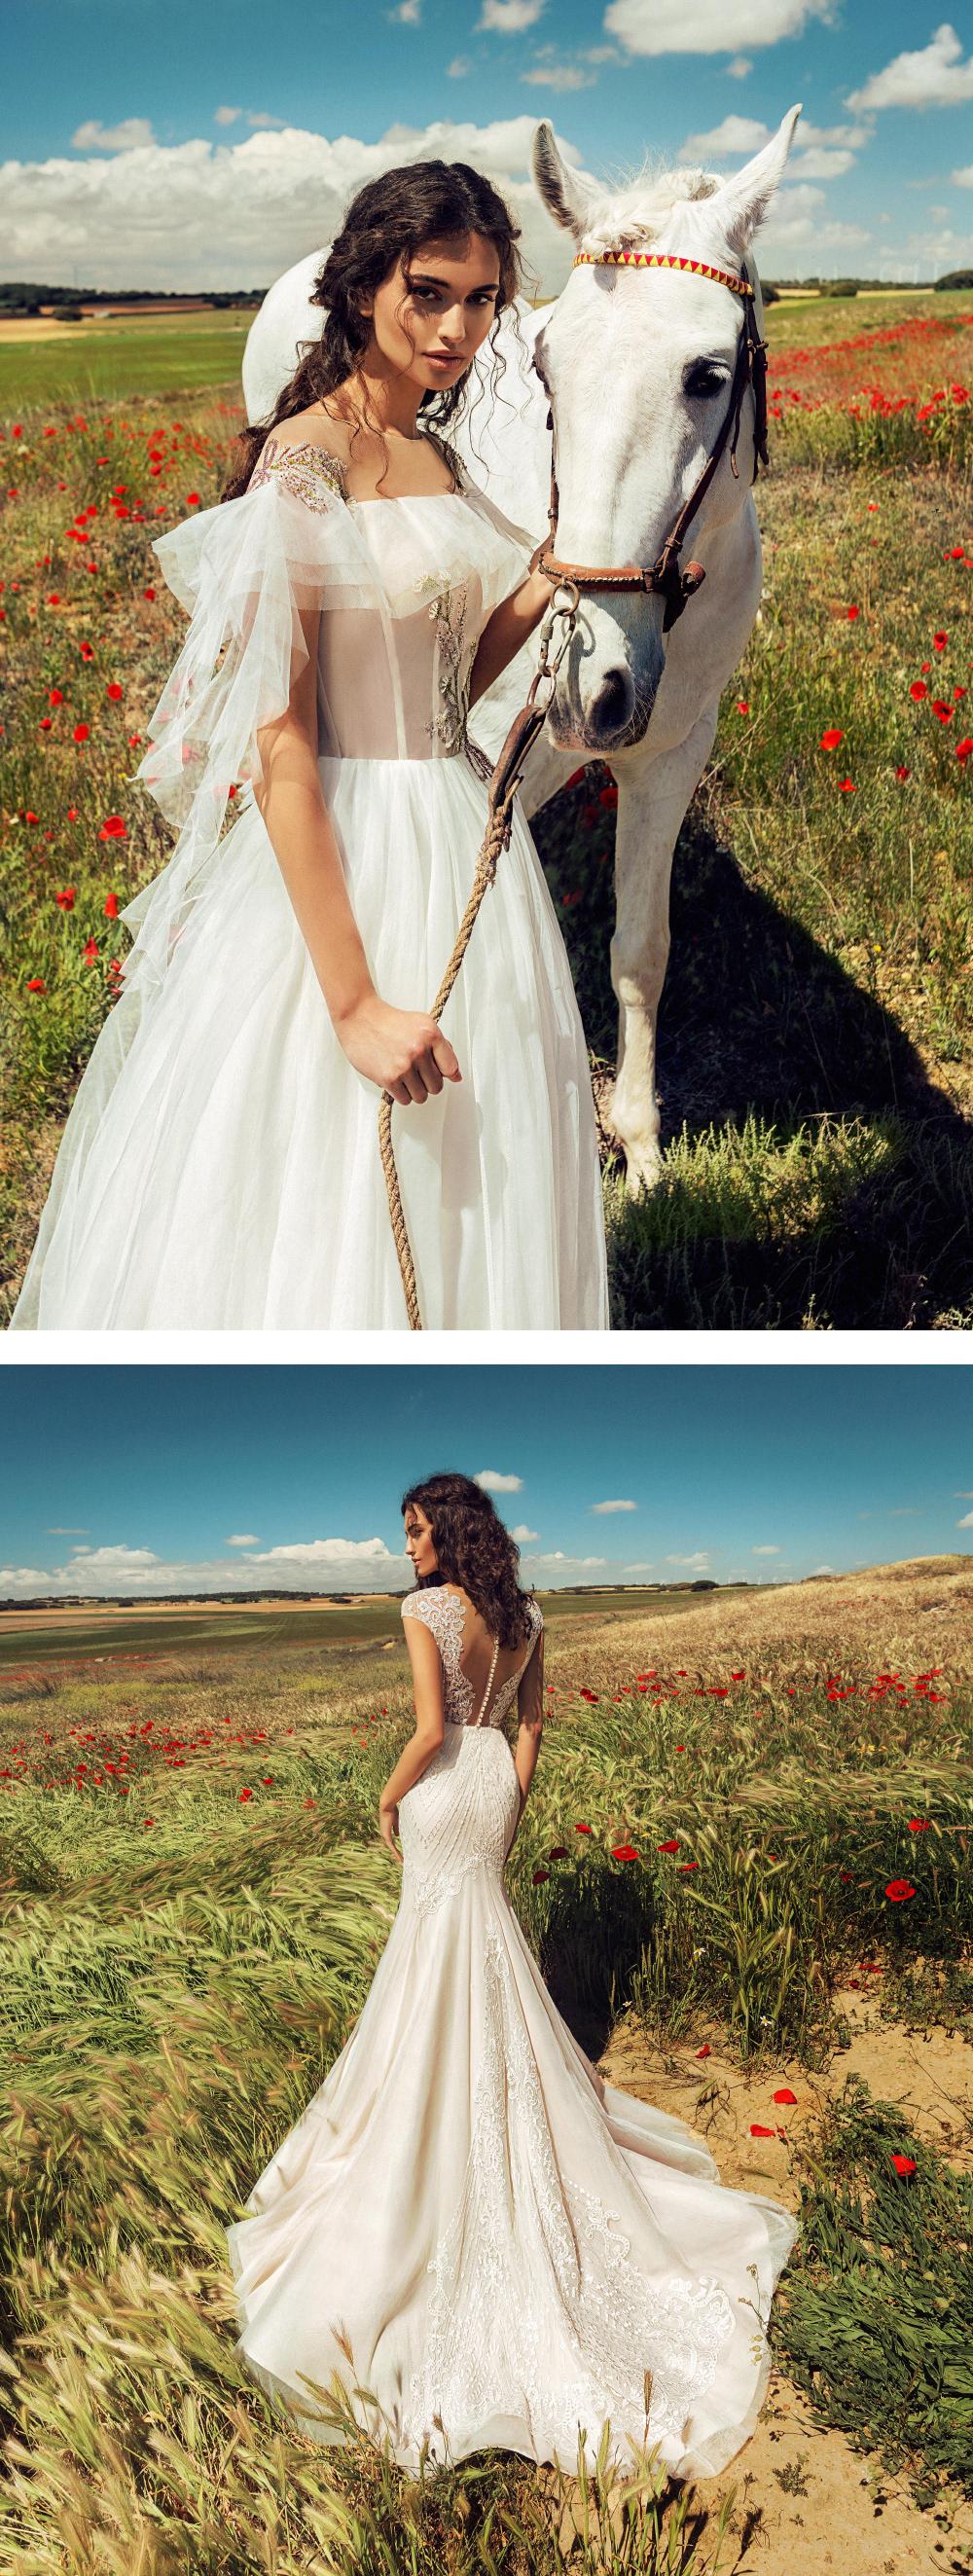 Tatiana Kaplun 2019 - La Mancha / фото Andrey Yakovlev & Lili Aleeva